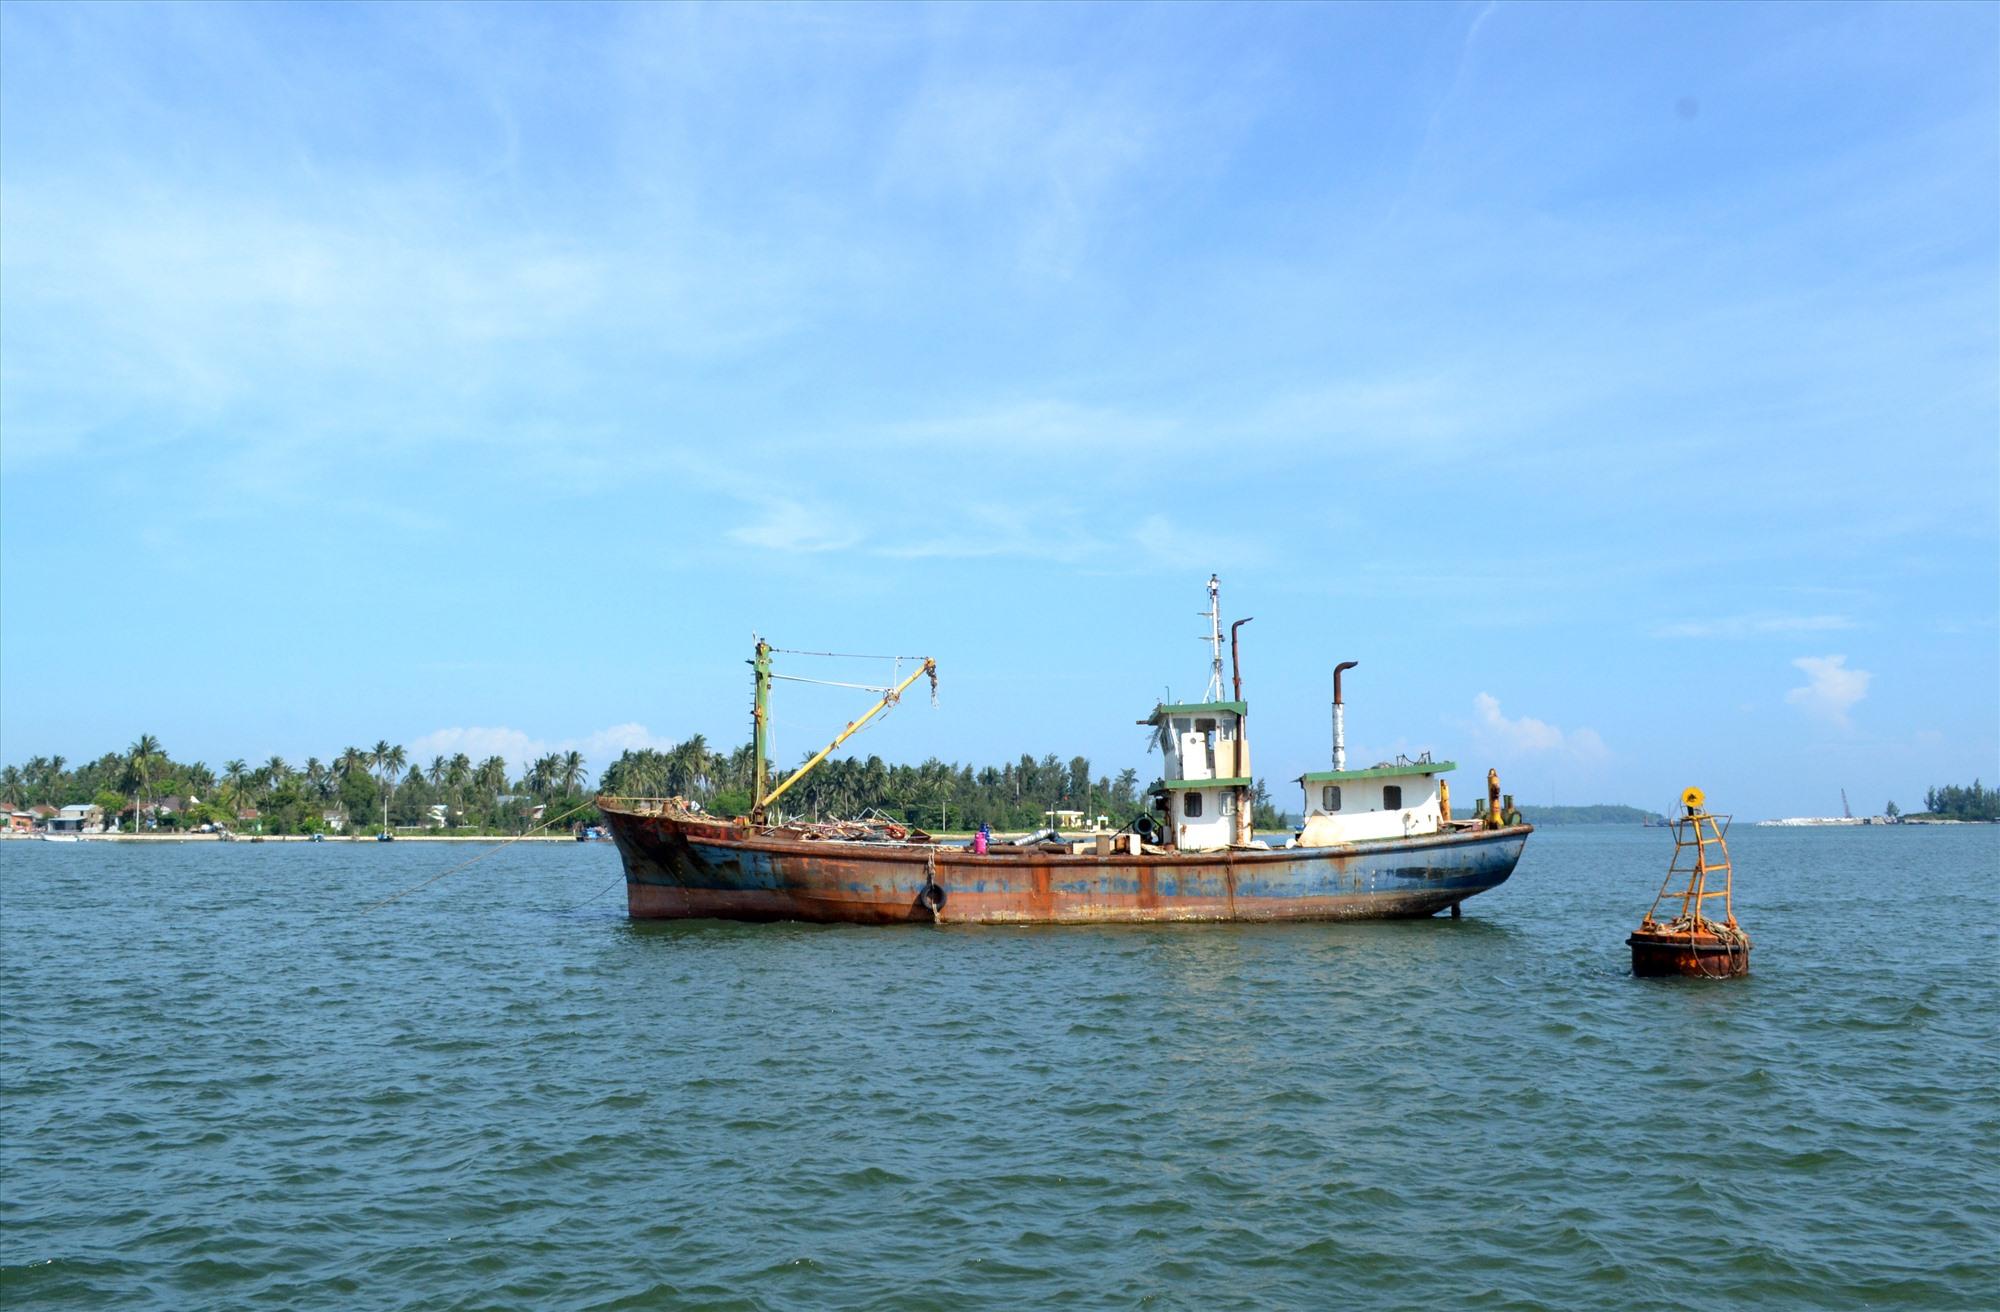 Tàu vỏ thép của ngư dân Lê Tuyến đã được ngân hàng bán đấu giá, thanh lý để thu hồi nợ. Ảnh: VIỆT NGUYỄN